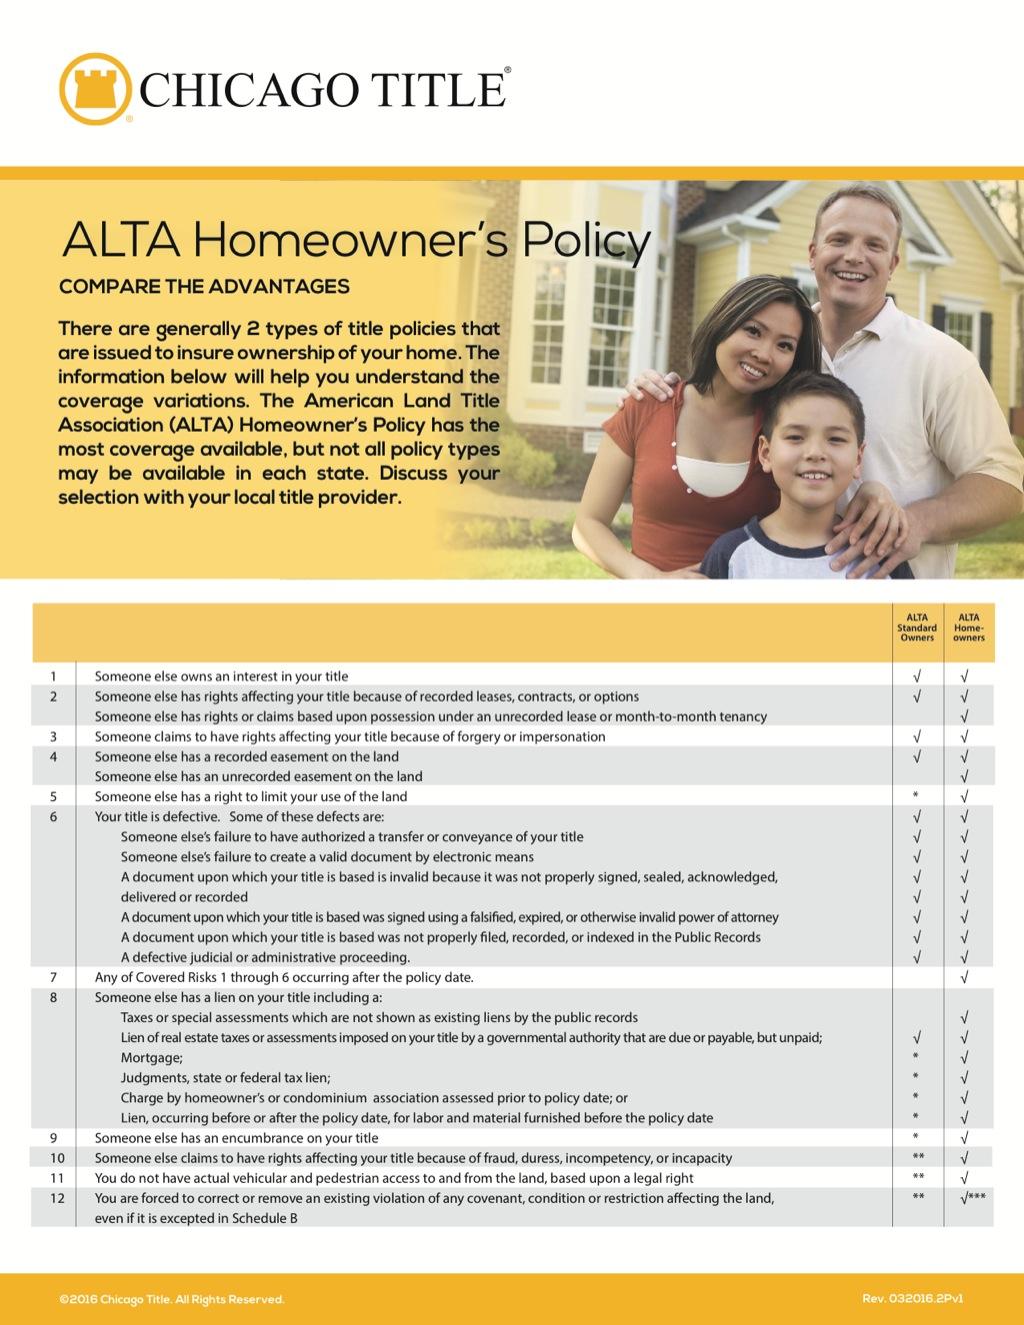 Corefact ALTA 2-Policy v1 compare - CTT